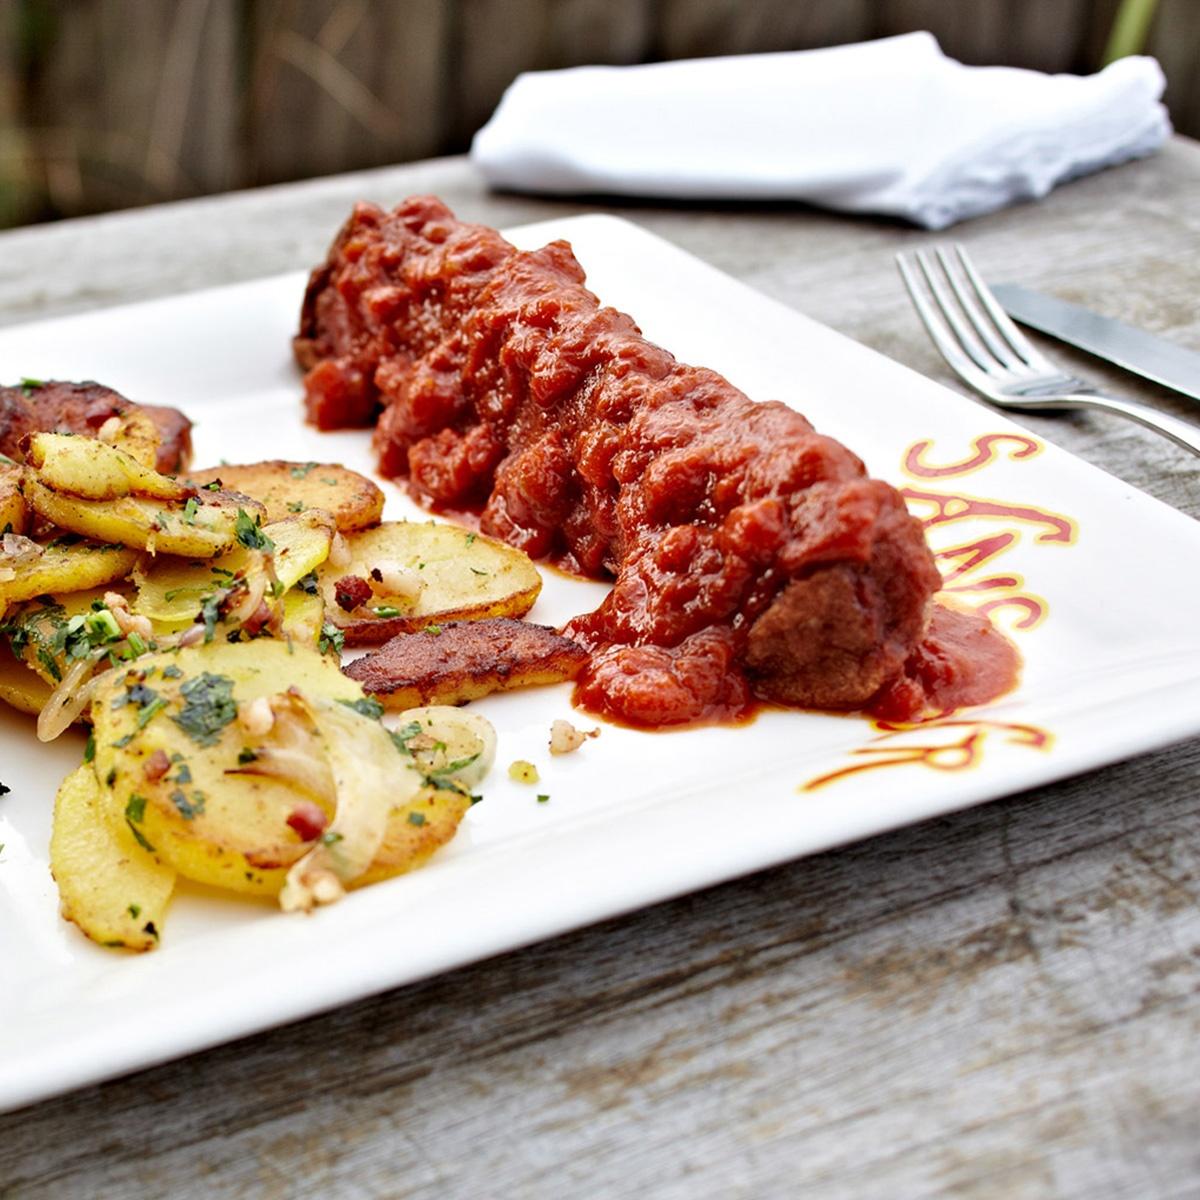 Top Food Feinkost - Original Sansibar Currywurst von Sylt